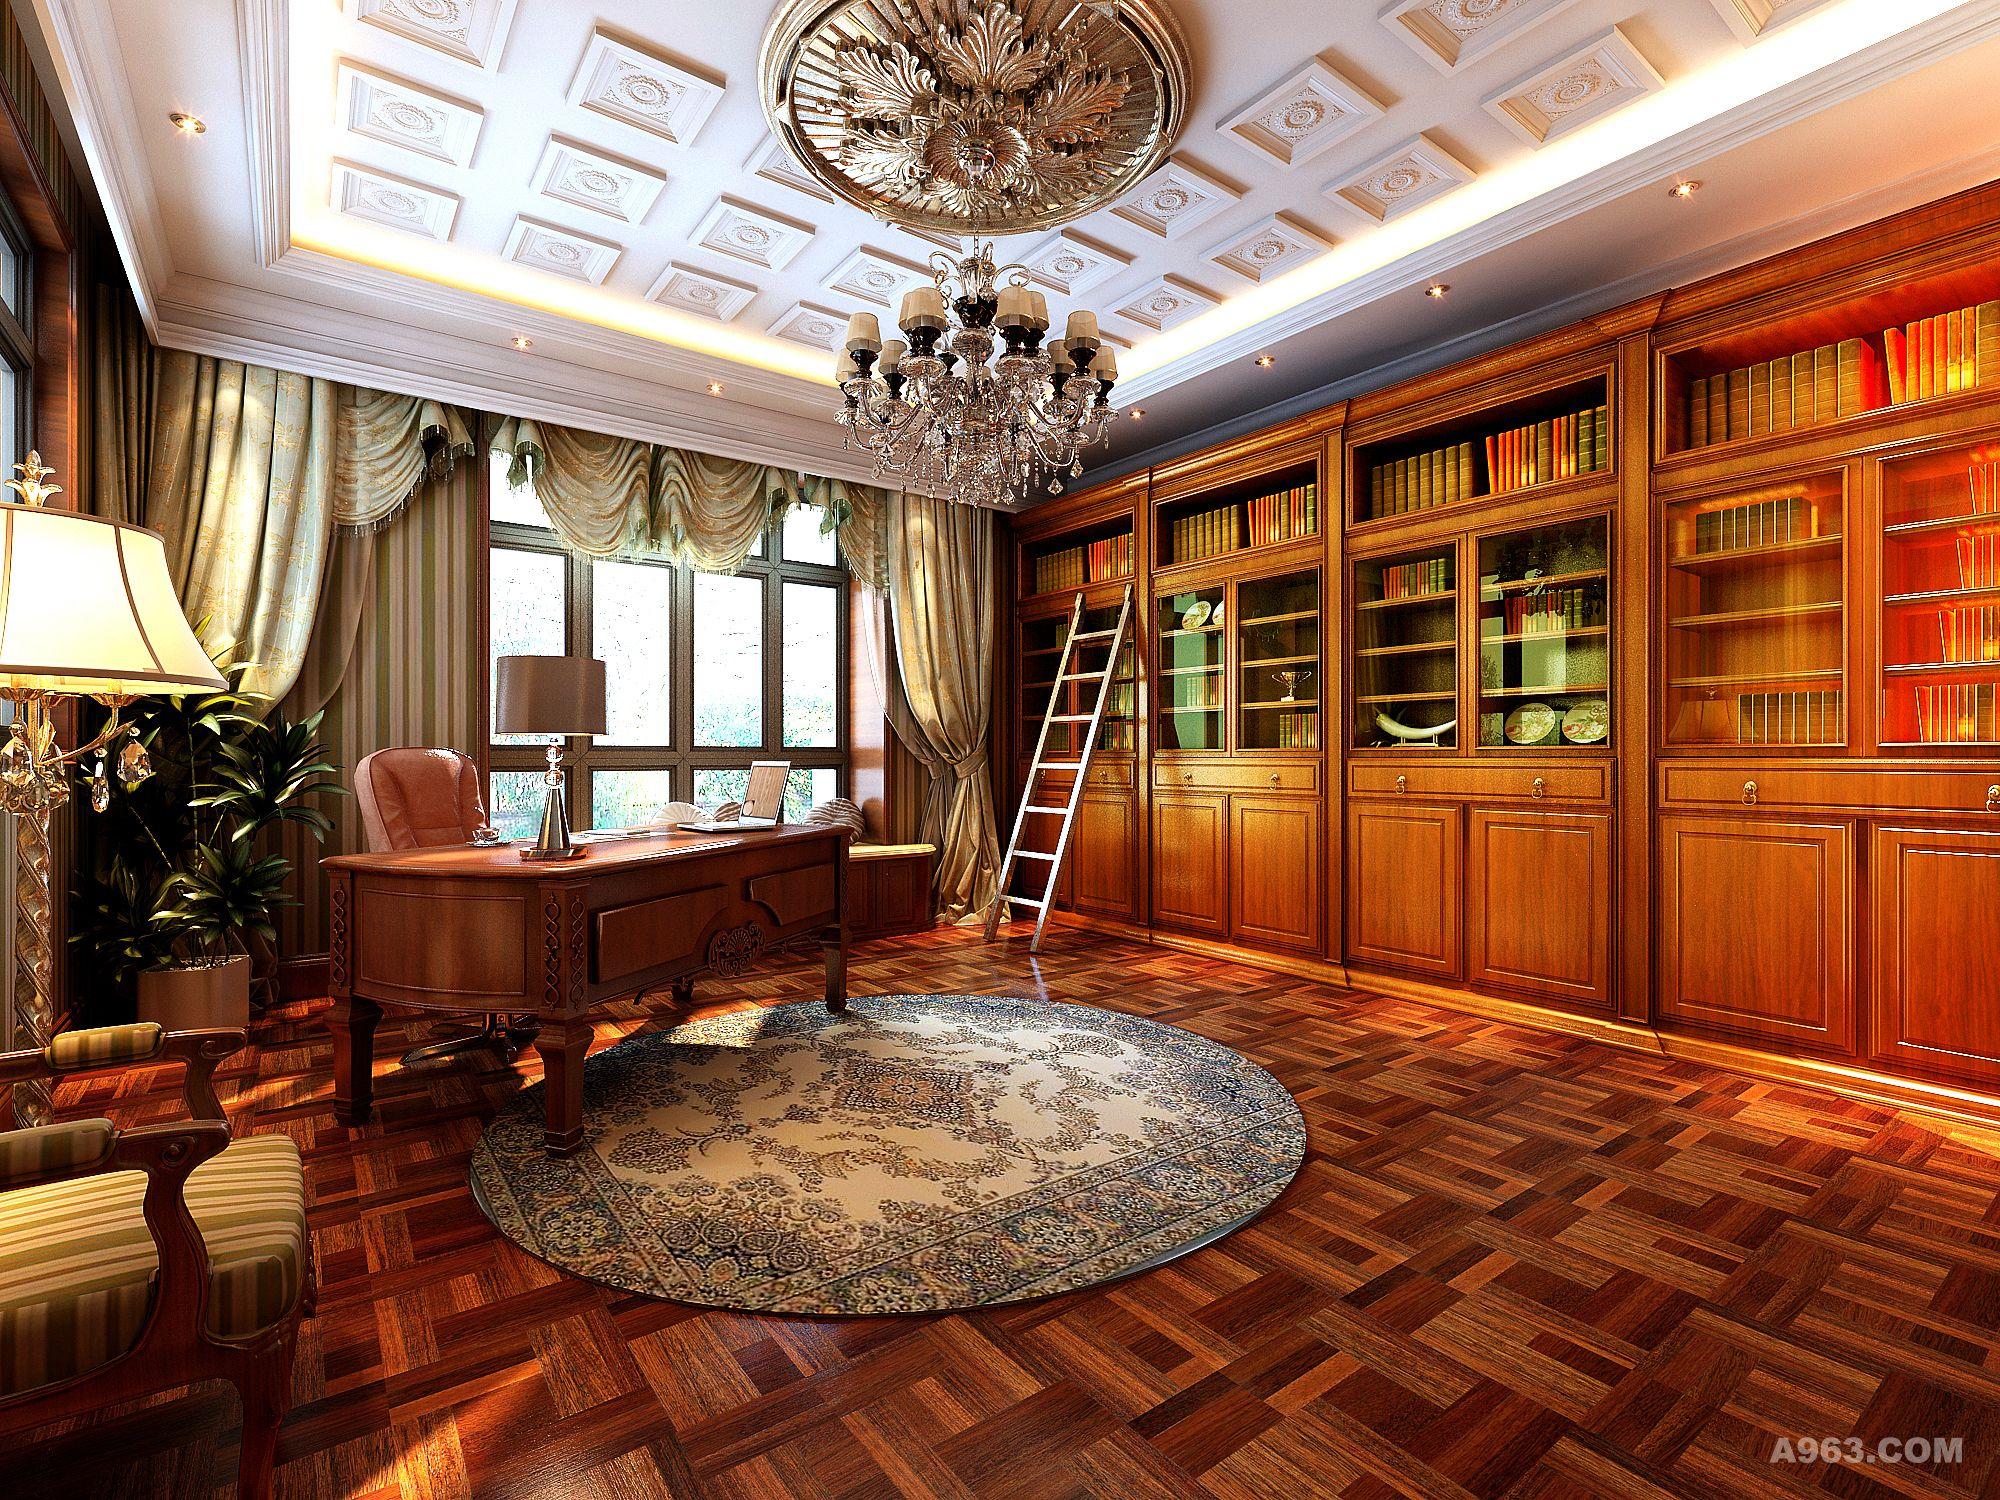 佘山月湖山庄别墅户型装修欧式古典风格设计方案展示,上海腾龙别墅